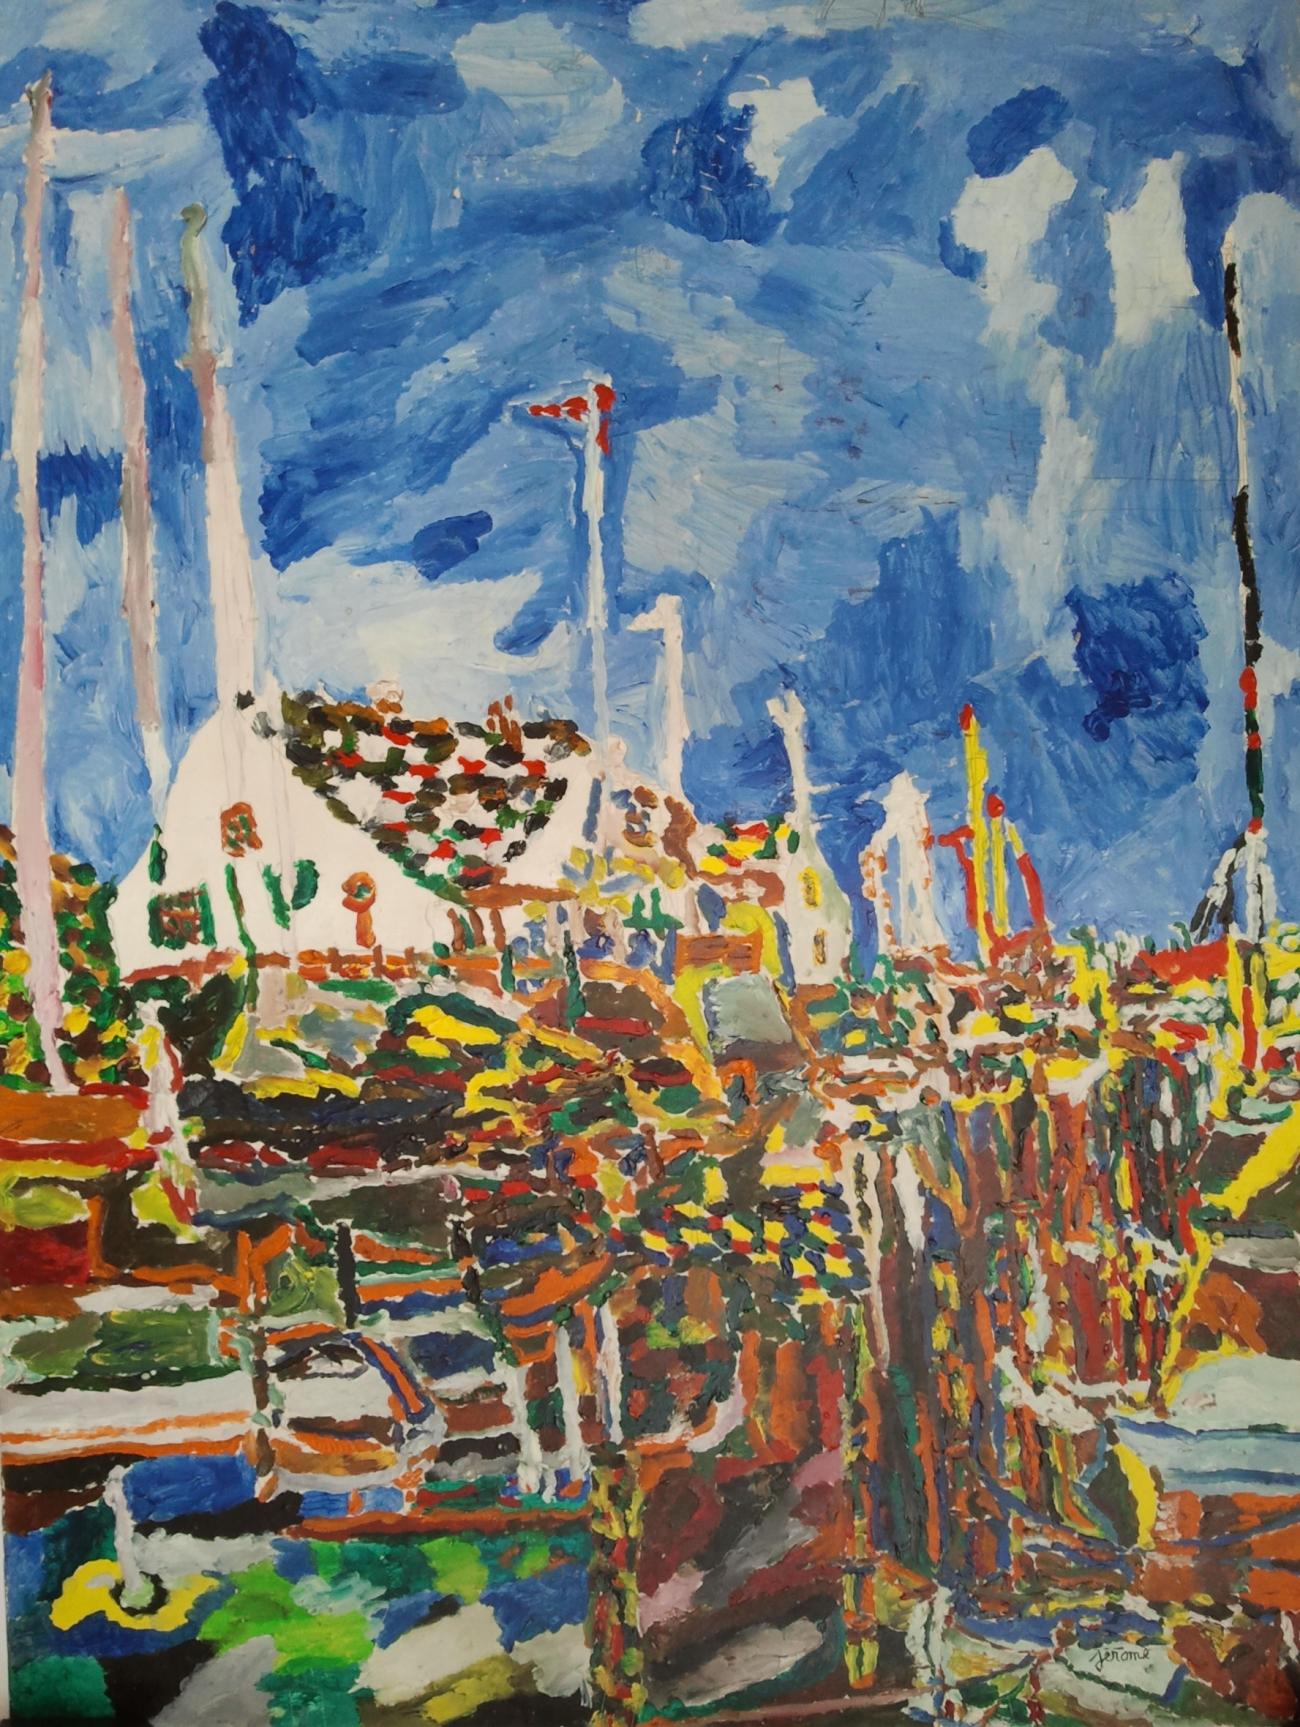 jerome pezzillo - Village portuaire sur grand ciel bleu